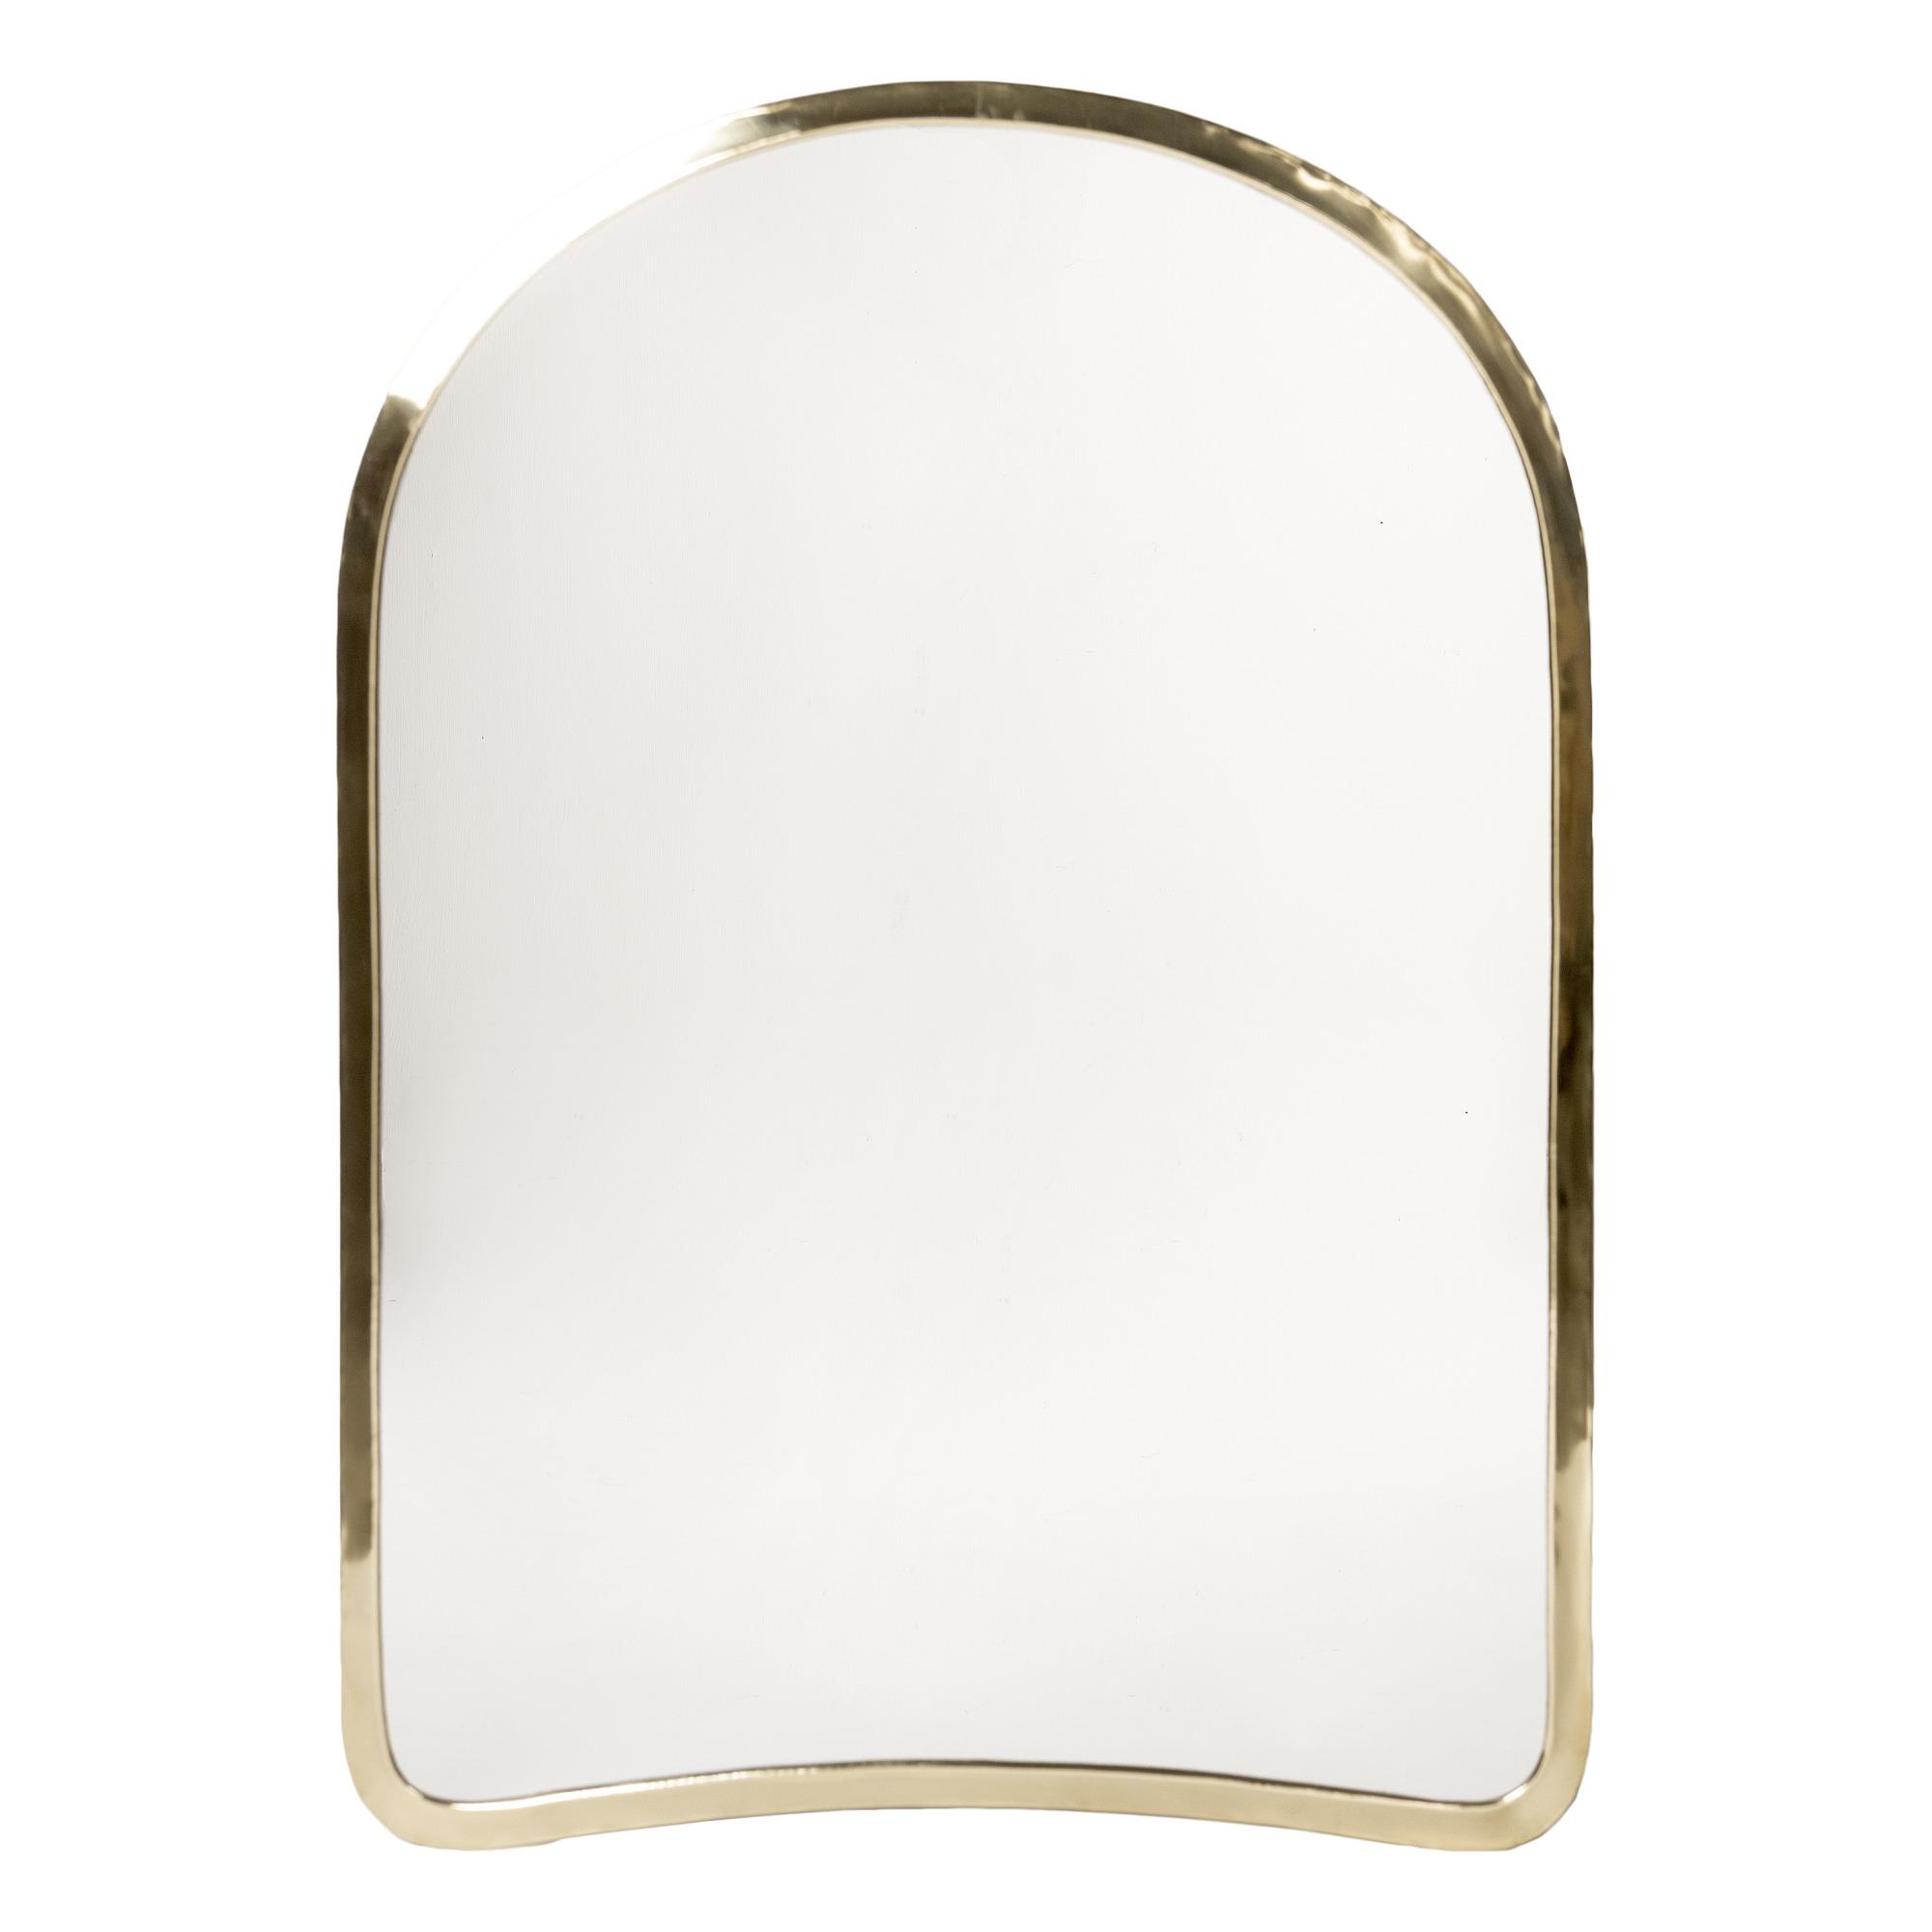 miroir doa laiton 75x52 cm laiton cosydar design adulte